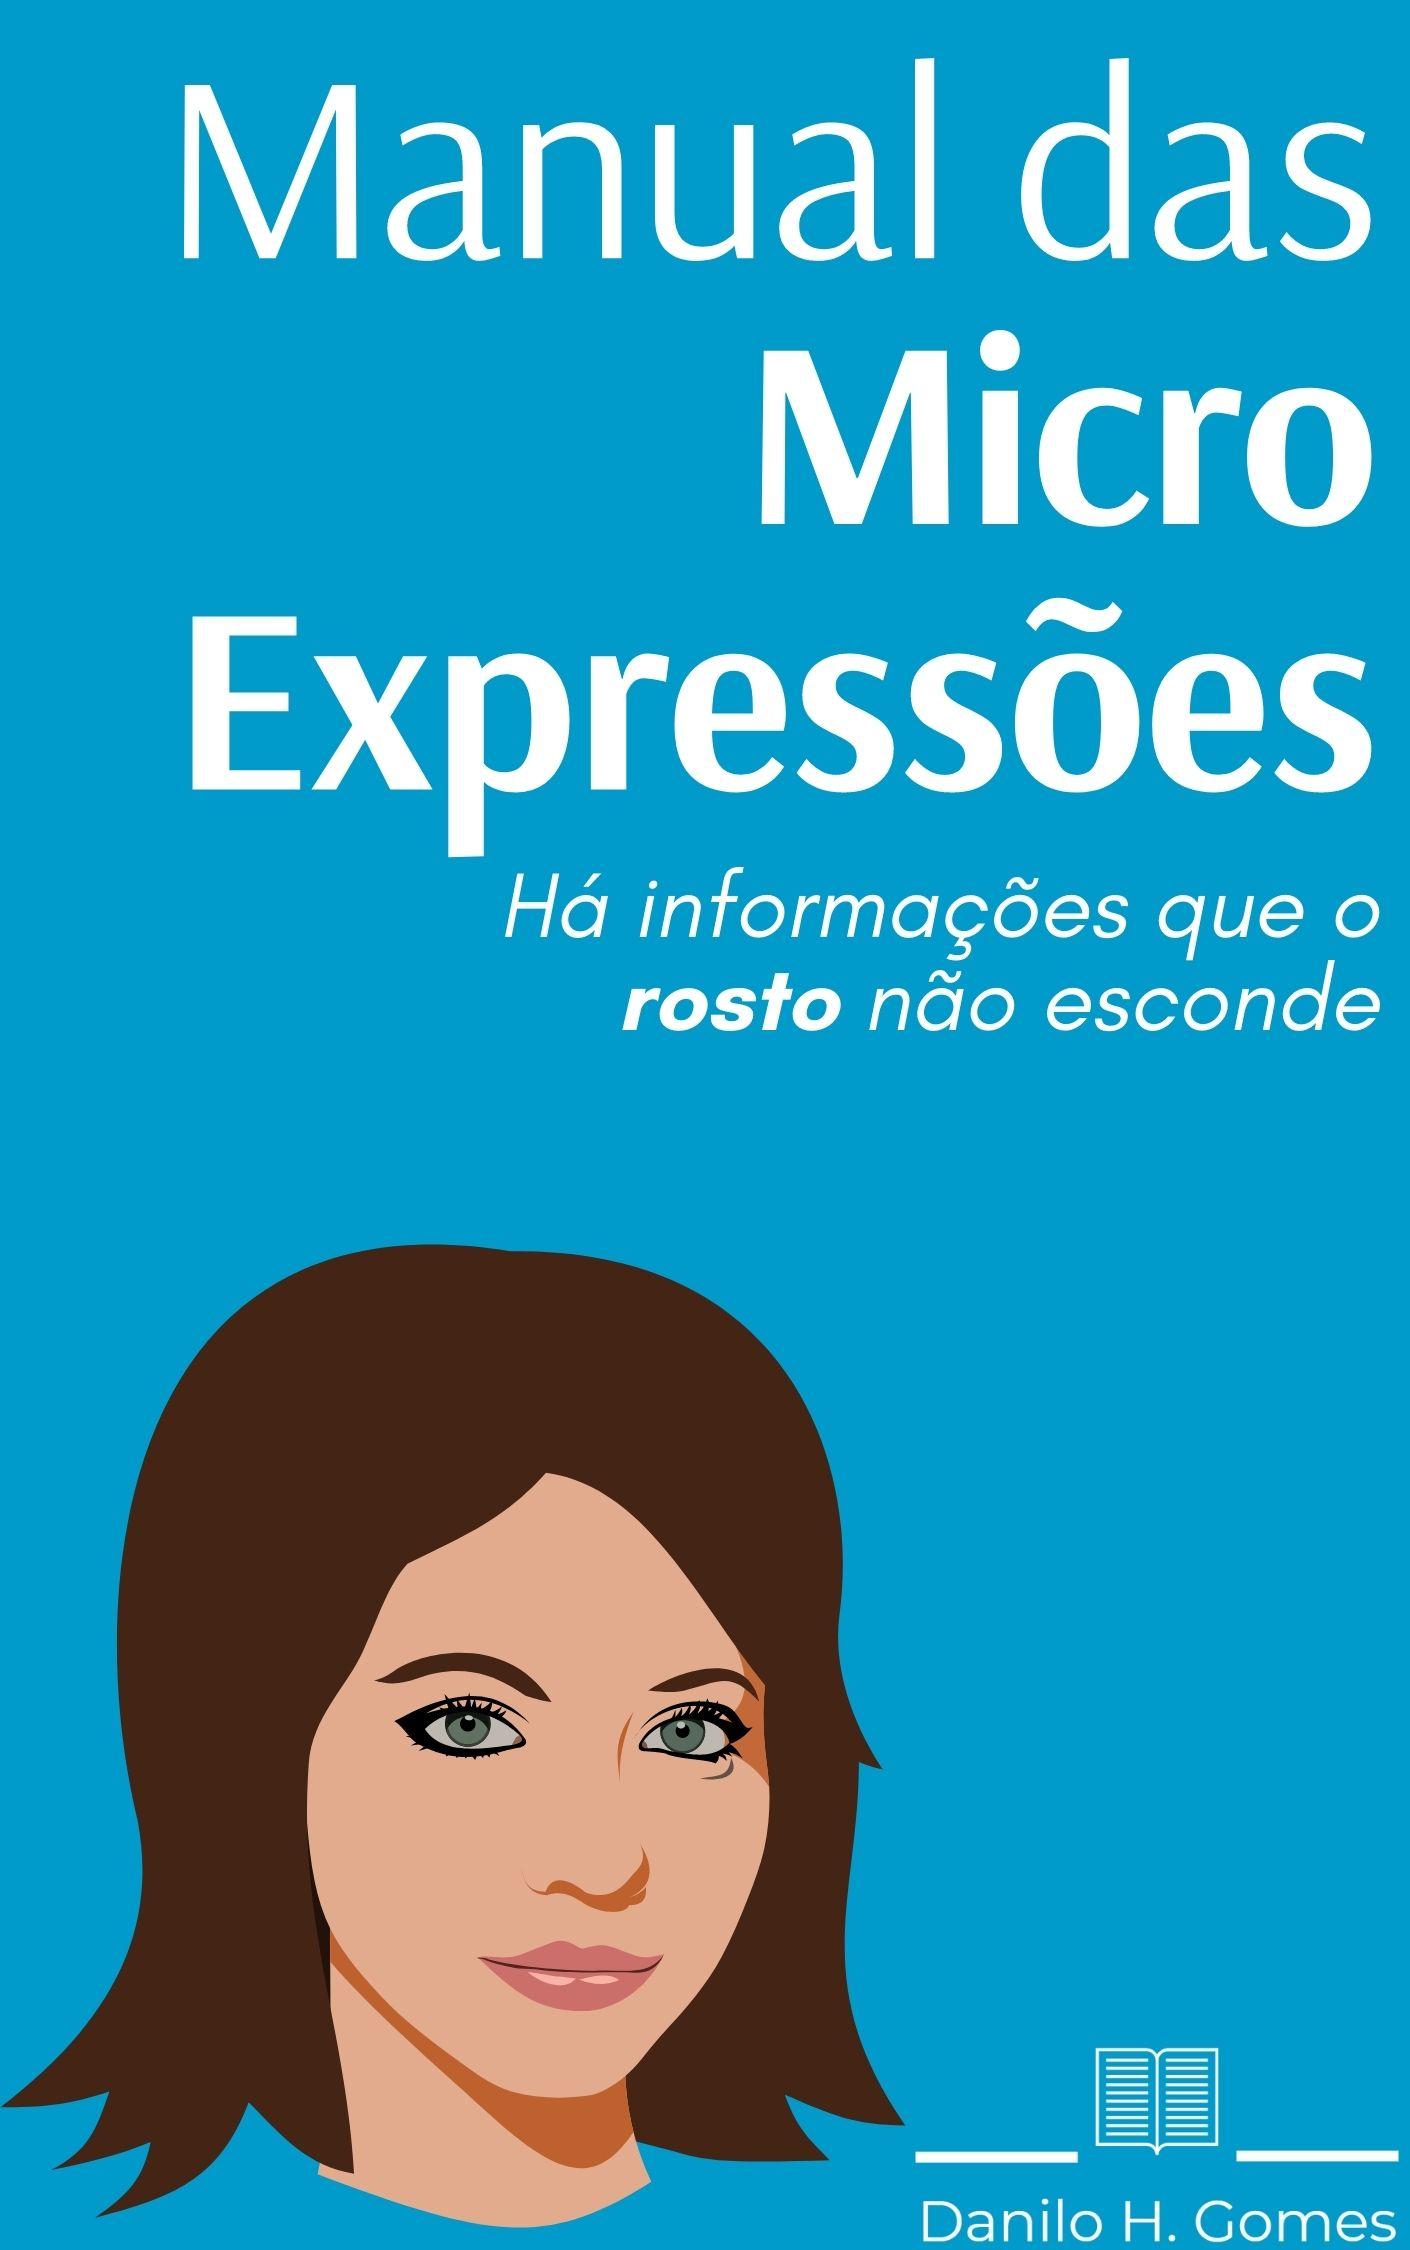 Manual das micro expressões